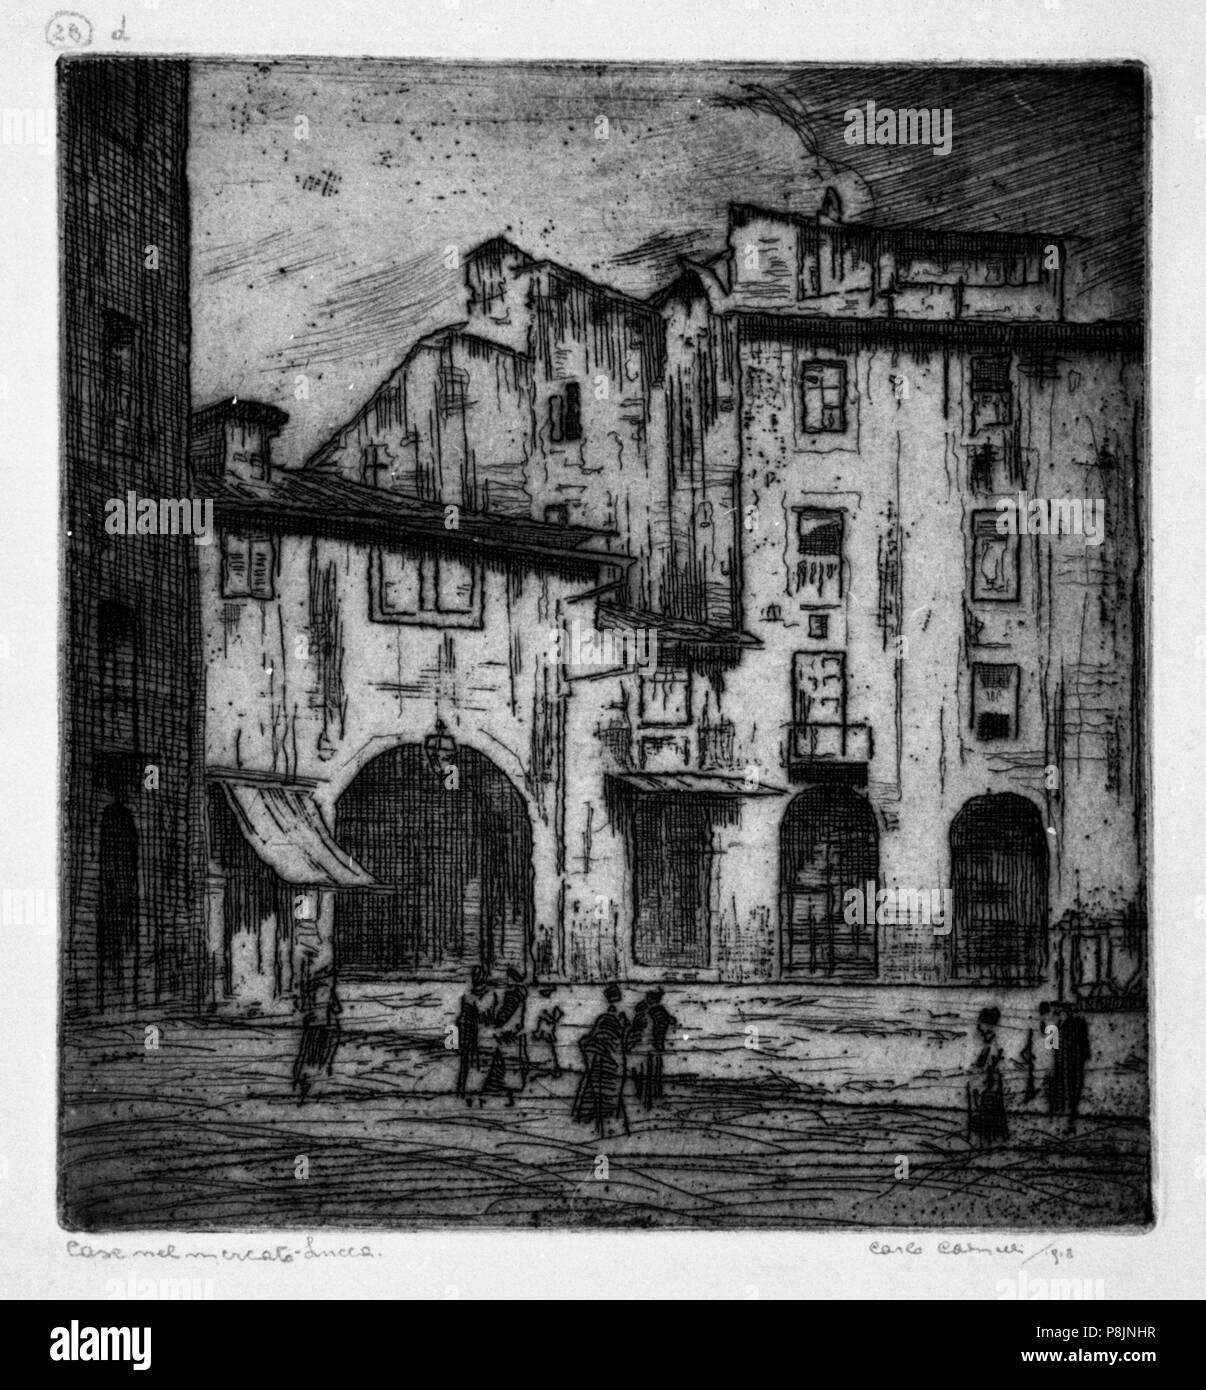 76 Carlo Cainelli – Case nel mercato, Lucca - Stock Image